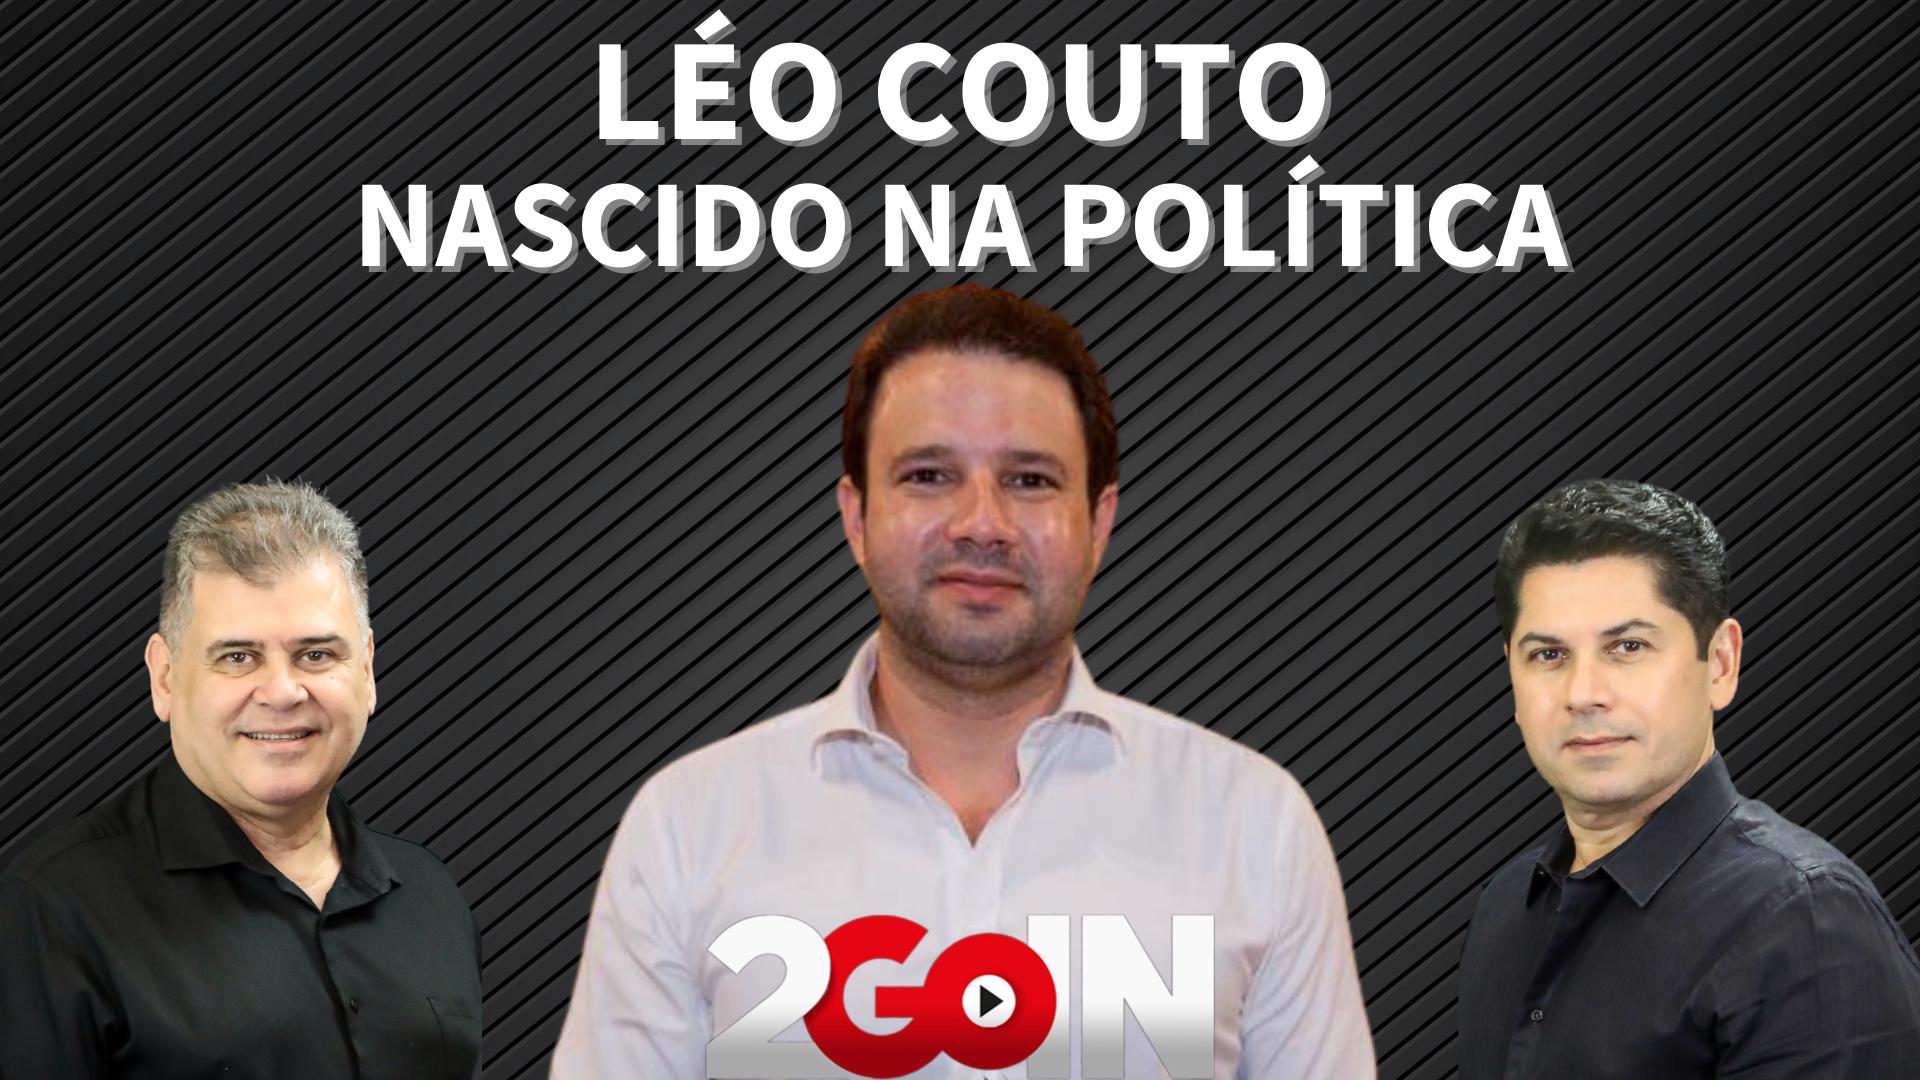 Léo Couto fala sobre os debates na Camara dos Vereadores e os bastidores da política